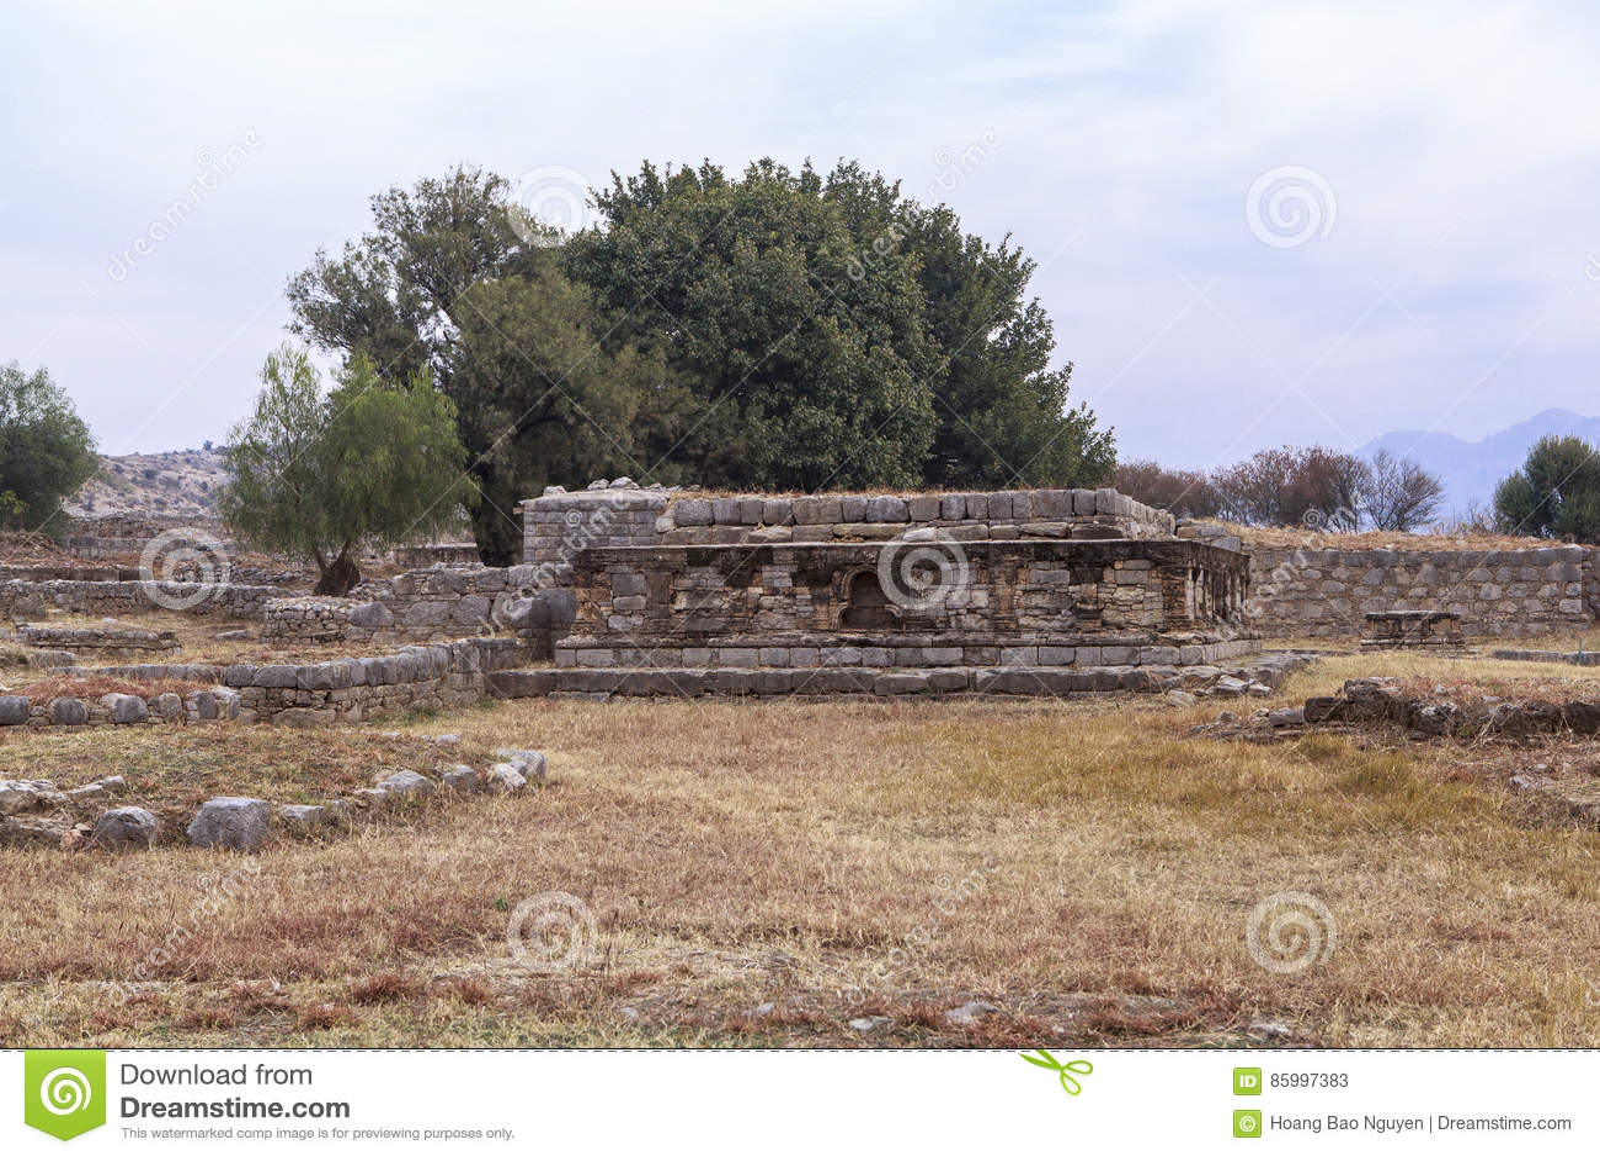 Taxila Heritage in Pakistan